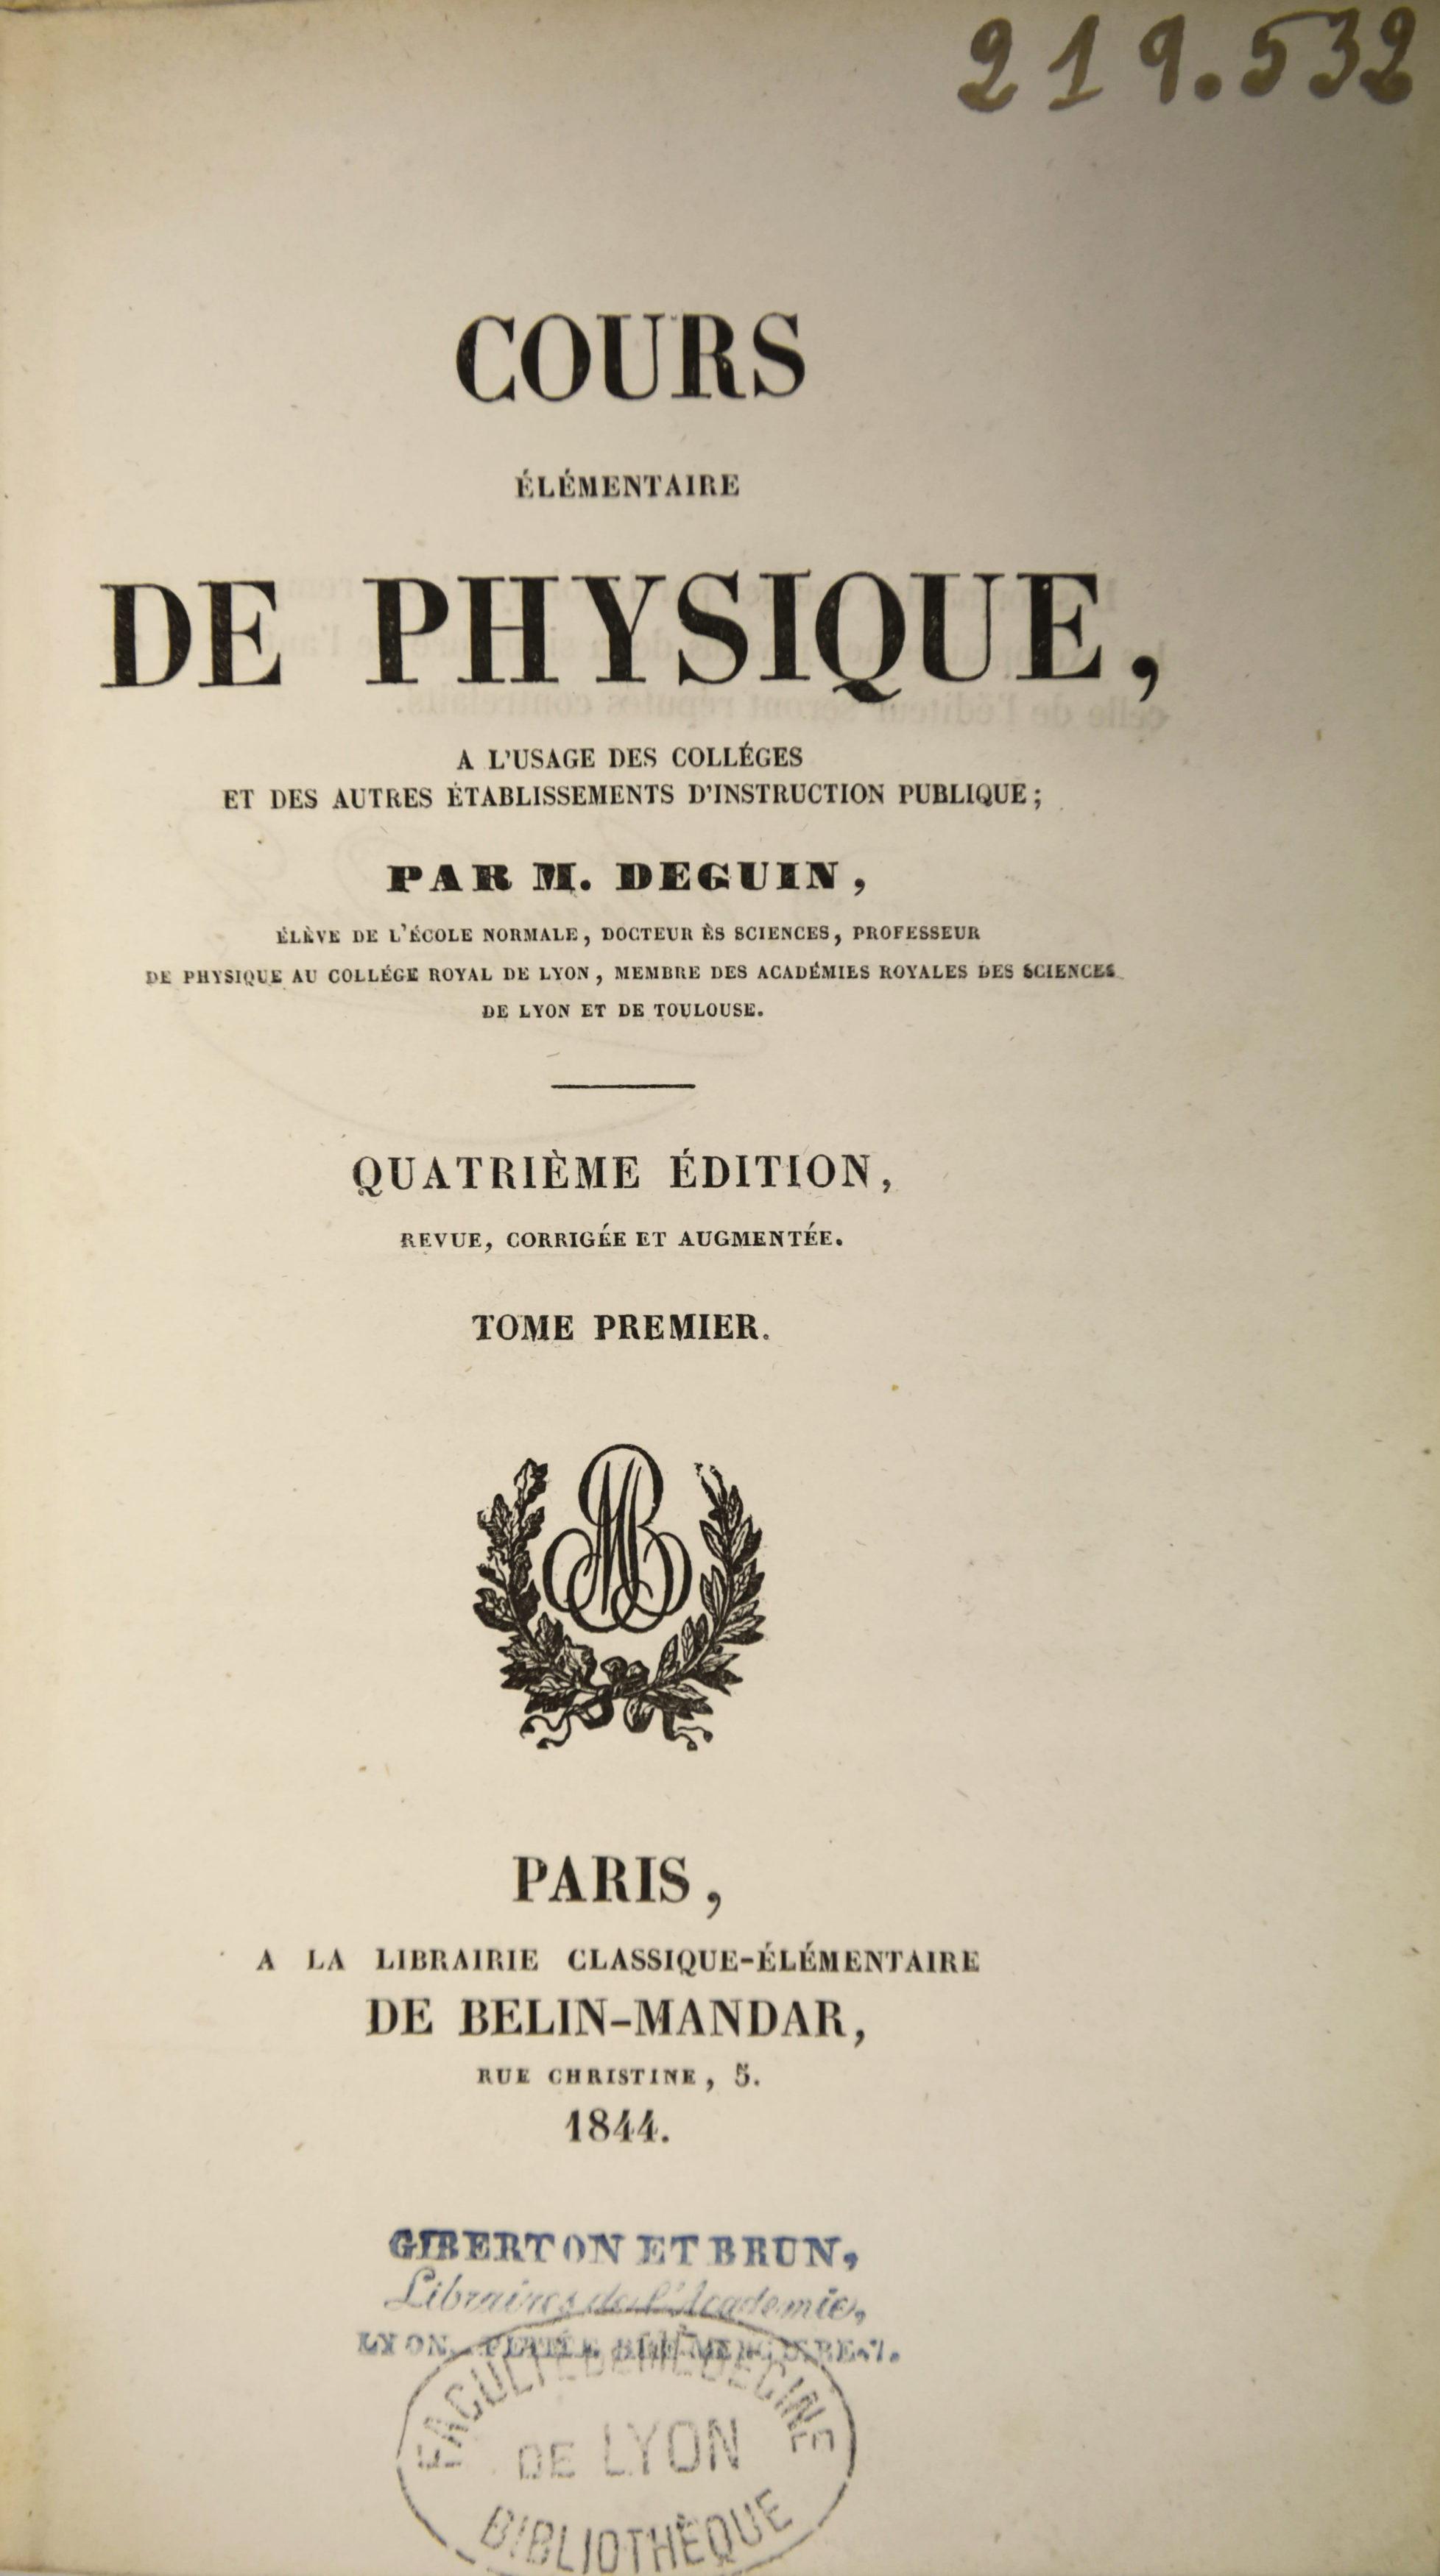 Cours elementaire de physique 1844_page de titre